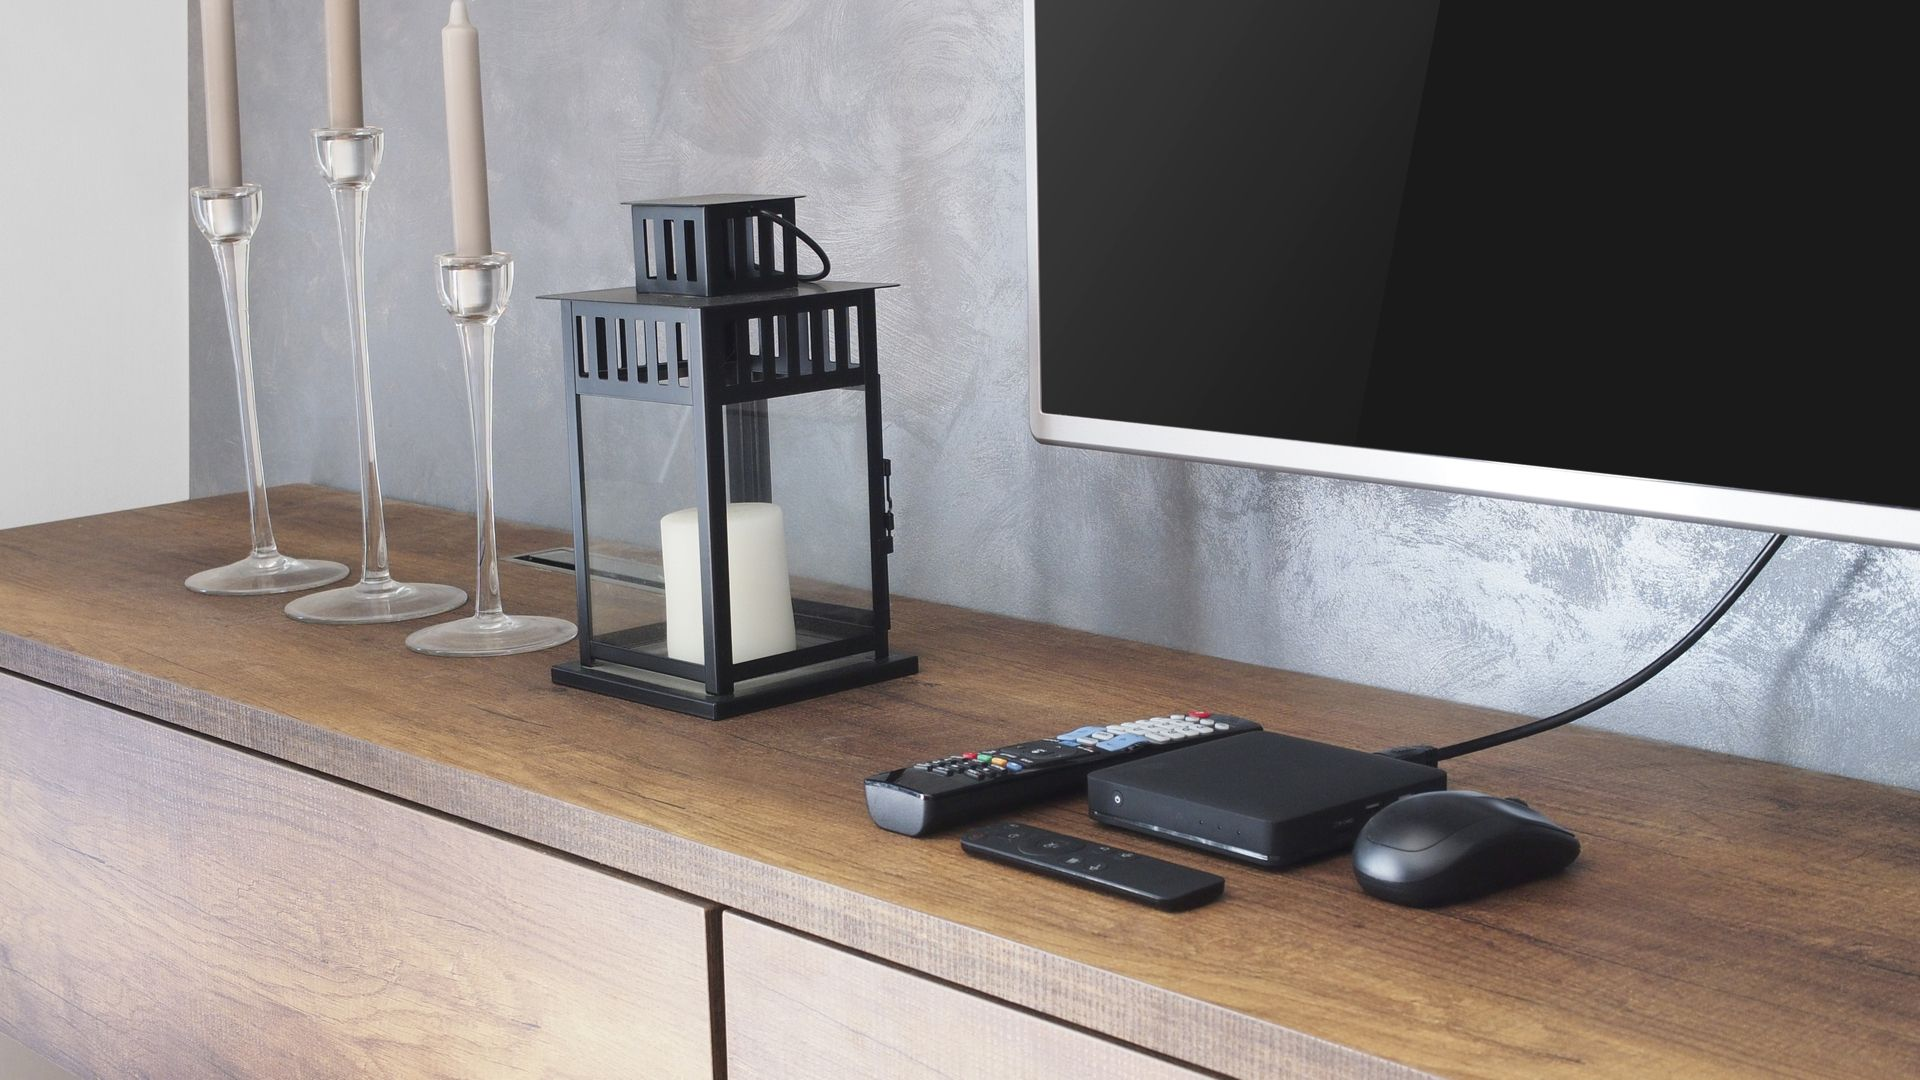 TV Box é um aparelho que transforma TV convencional em smart (Imagem: Shutterstock)